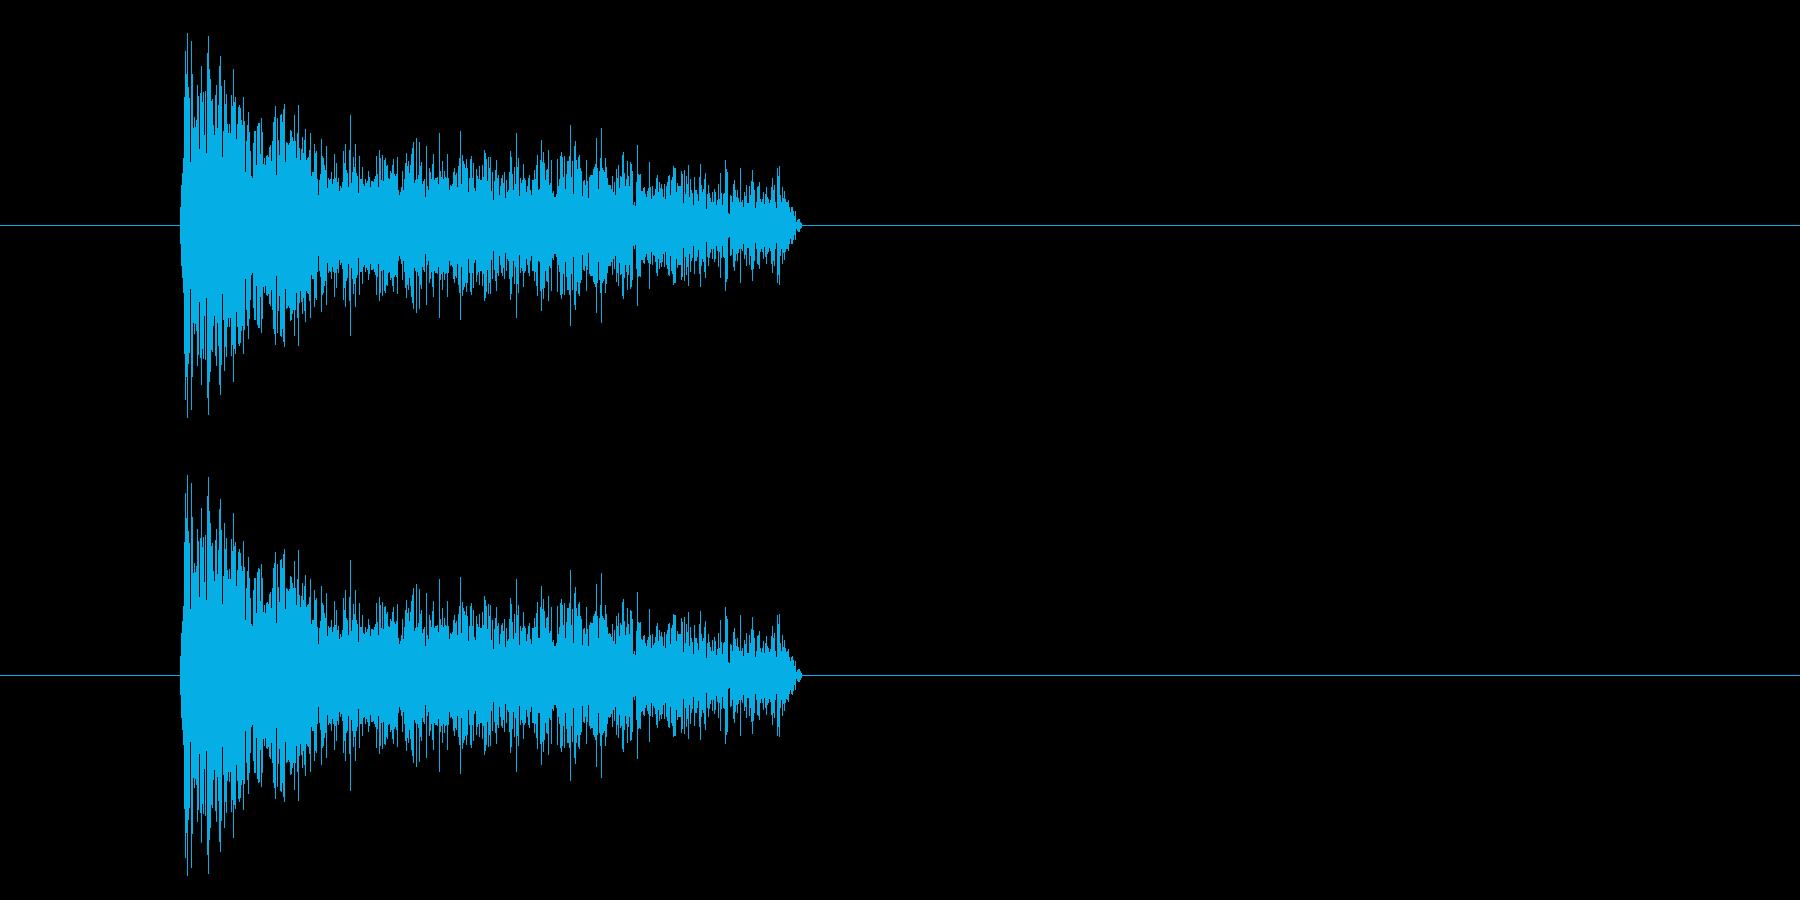 ジャン!懐かしのオケヒその1_音程低めの再生済みの波形